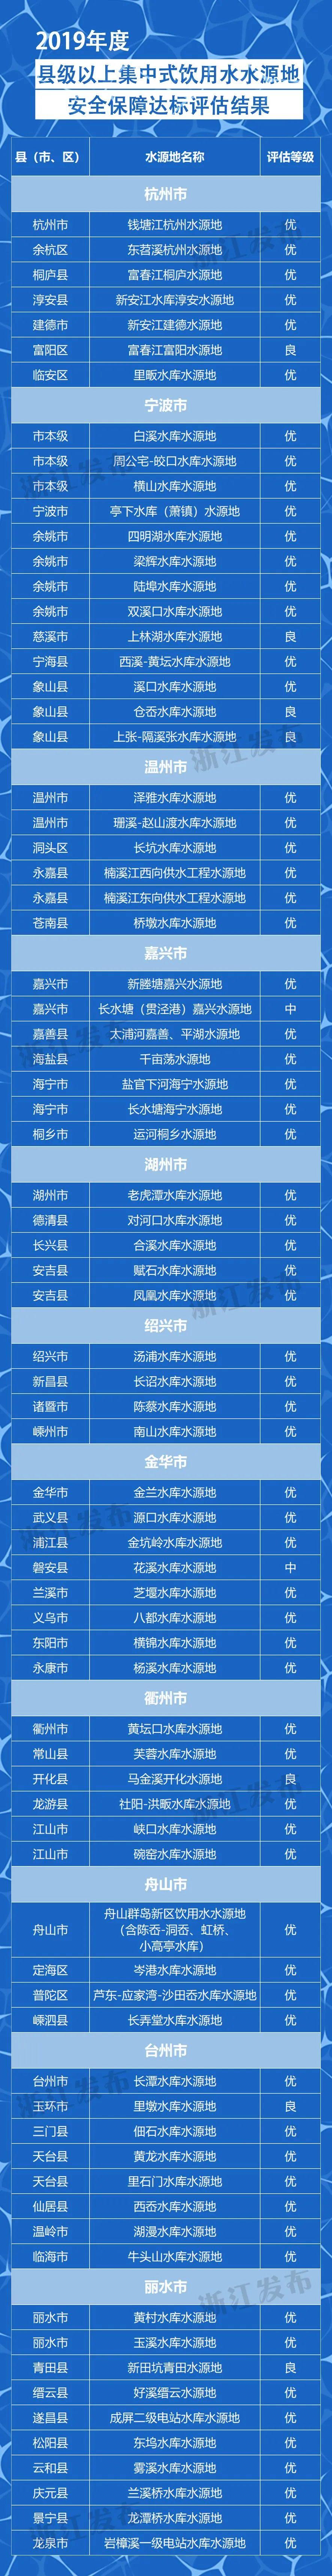 浙江公布2019年度县级以上集中式饮用水水源地安全保障达标评估结果,等级为优的69个图片